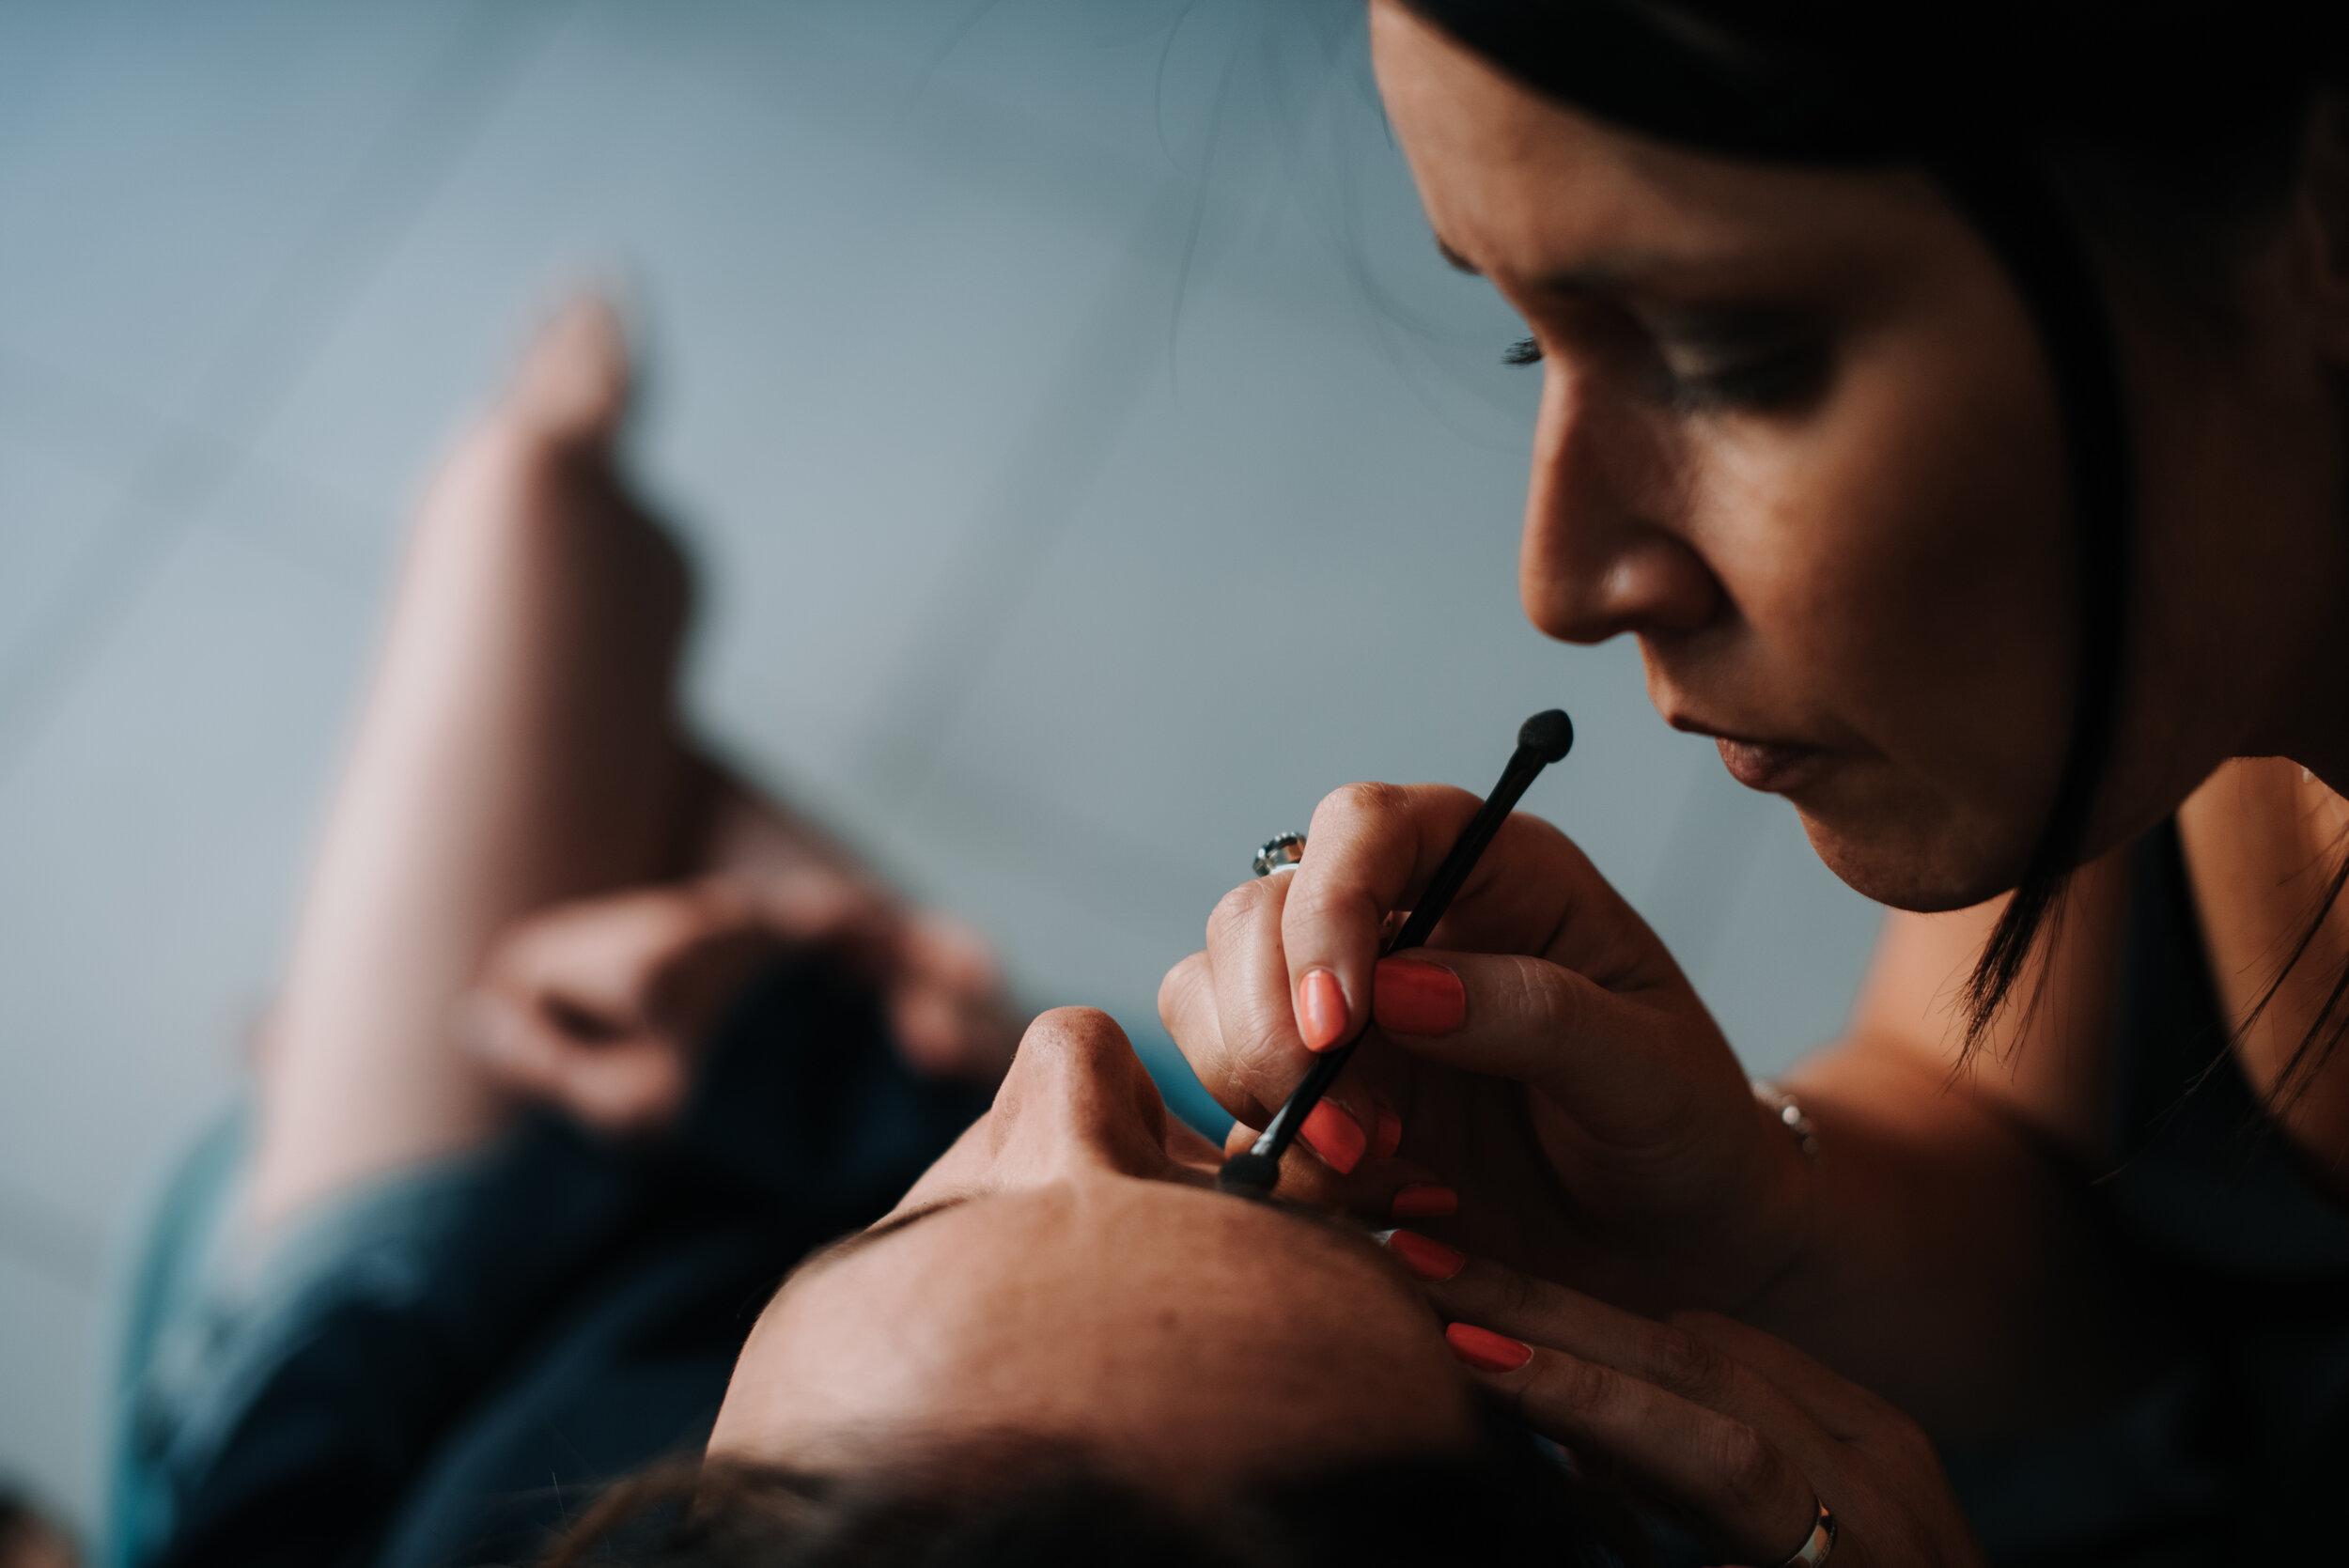 Léa-Fery-photographe-professionnel-Bretagne-portrait-creation-mariage-evenement-evenementiel-famille-1011.jpg